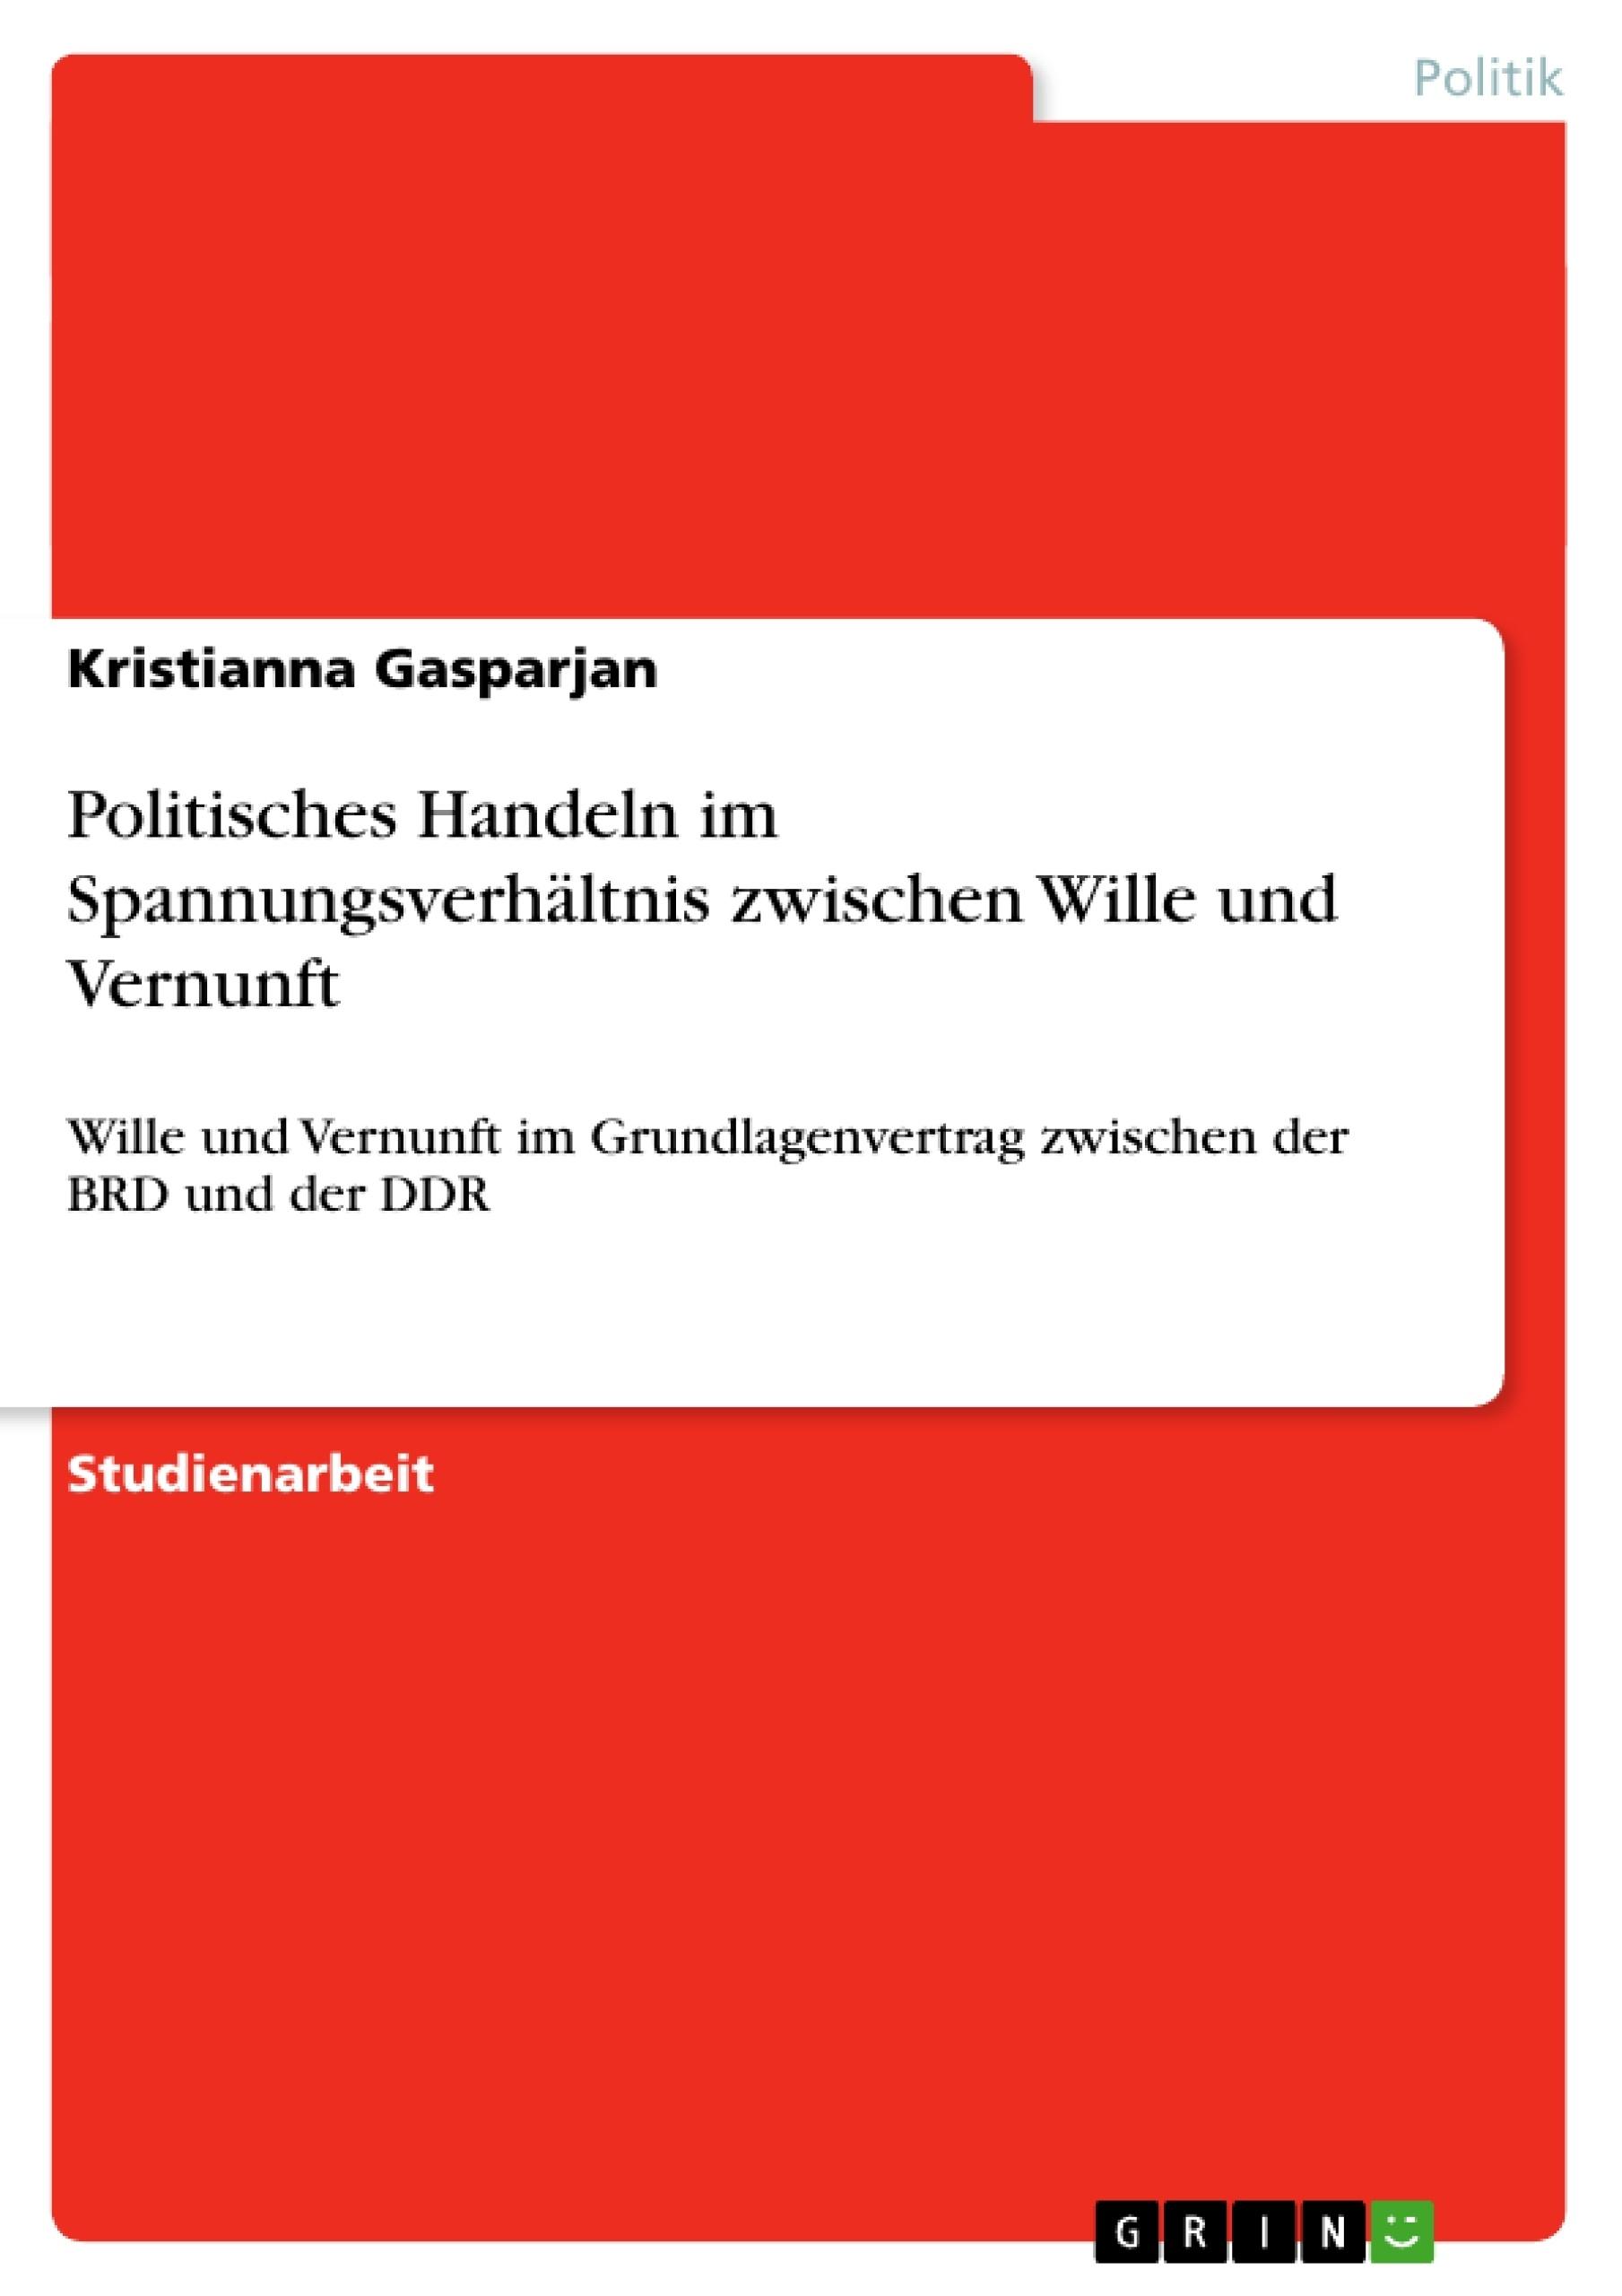 Titel: Politisches Handeln im Spannungsverhältnis zwischen Wille und Vernunft